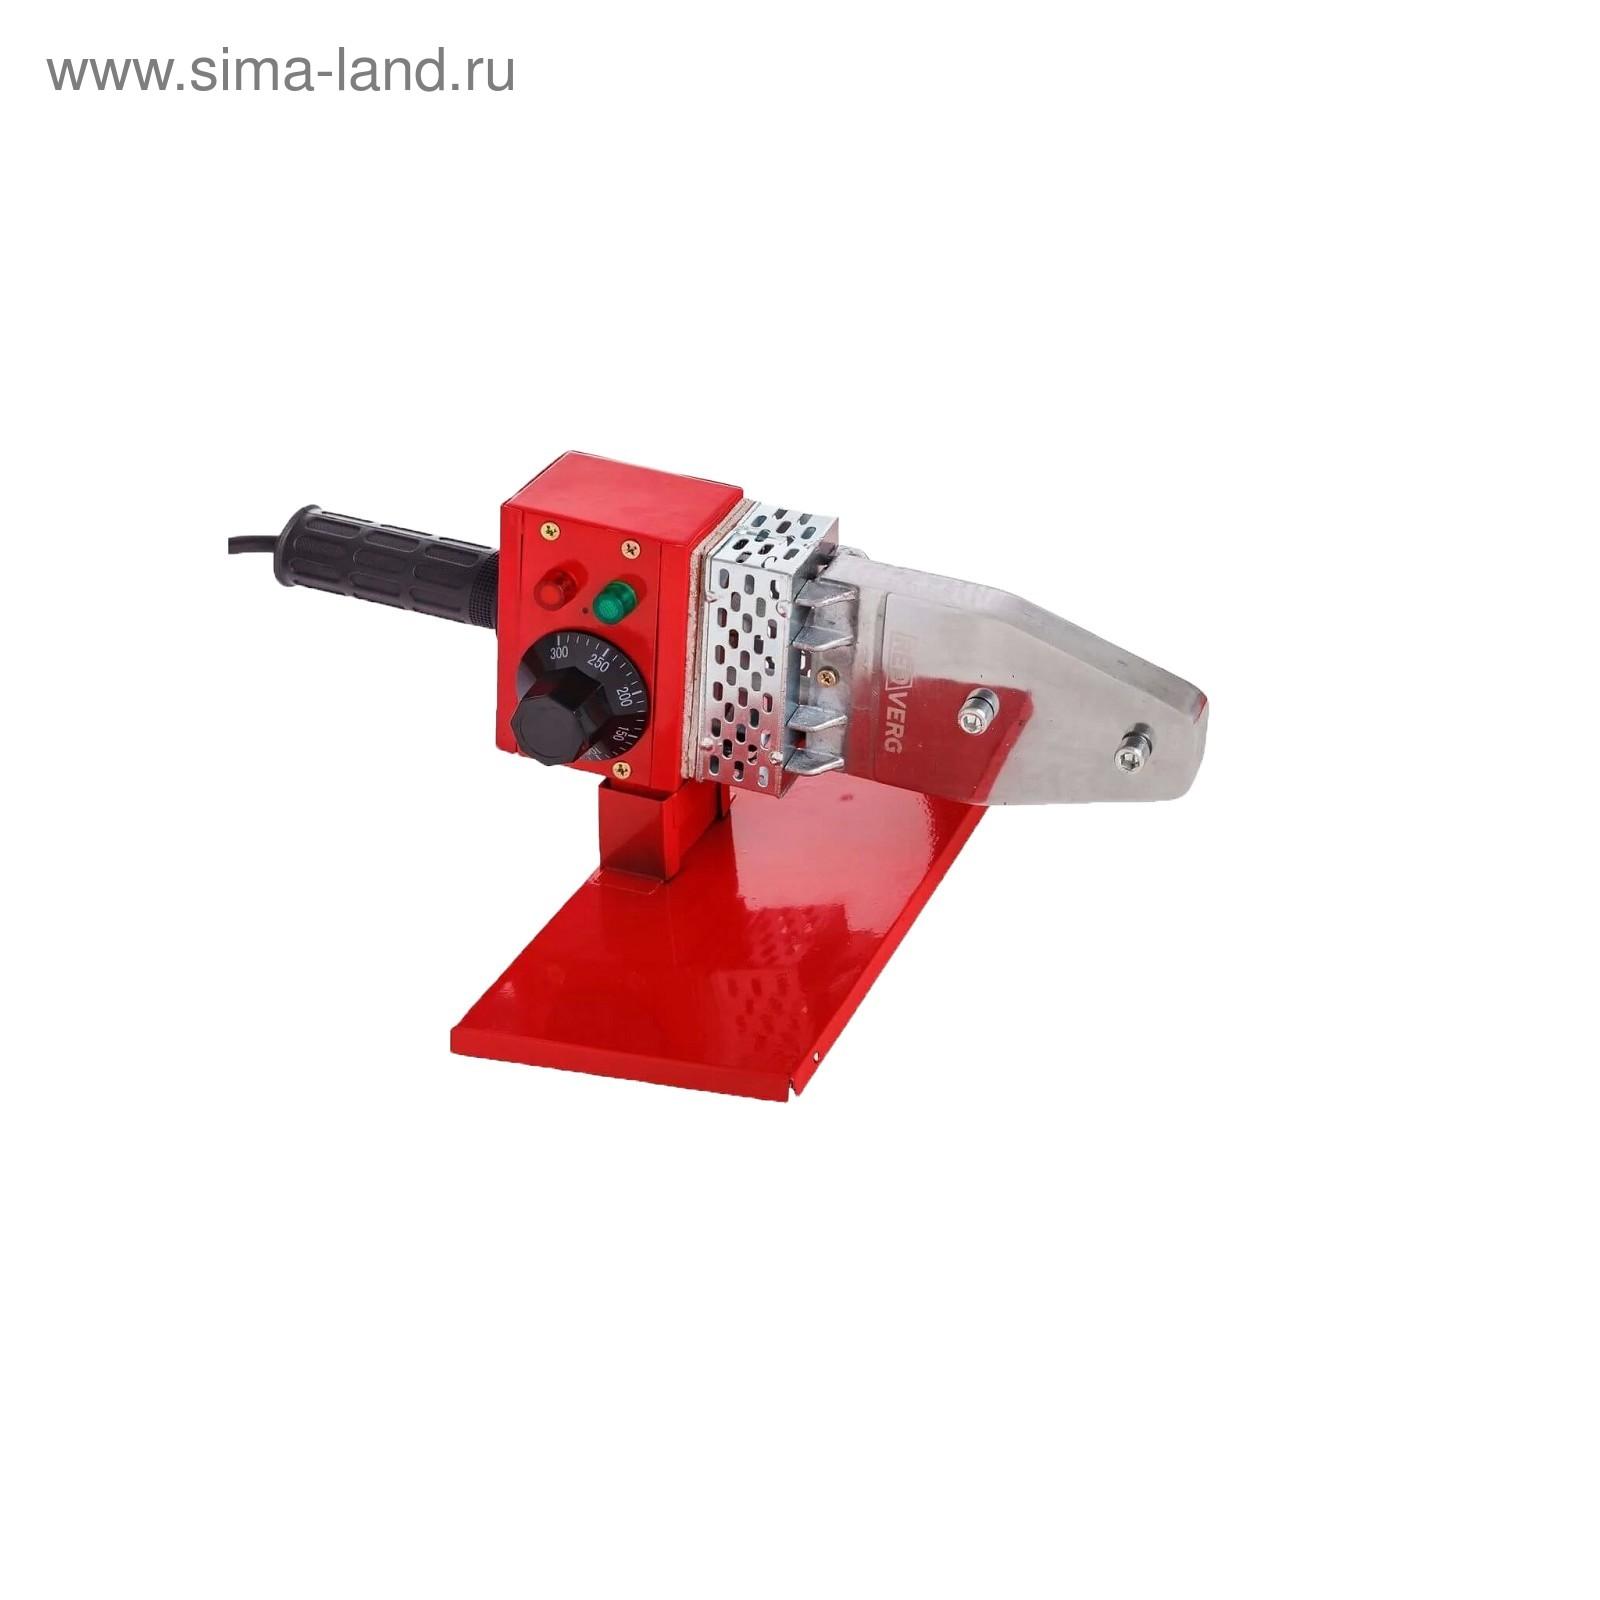 Купить сварочный аппарат пластиковых труб регулируемый стабилизатор напряжения 10a